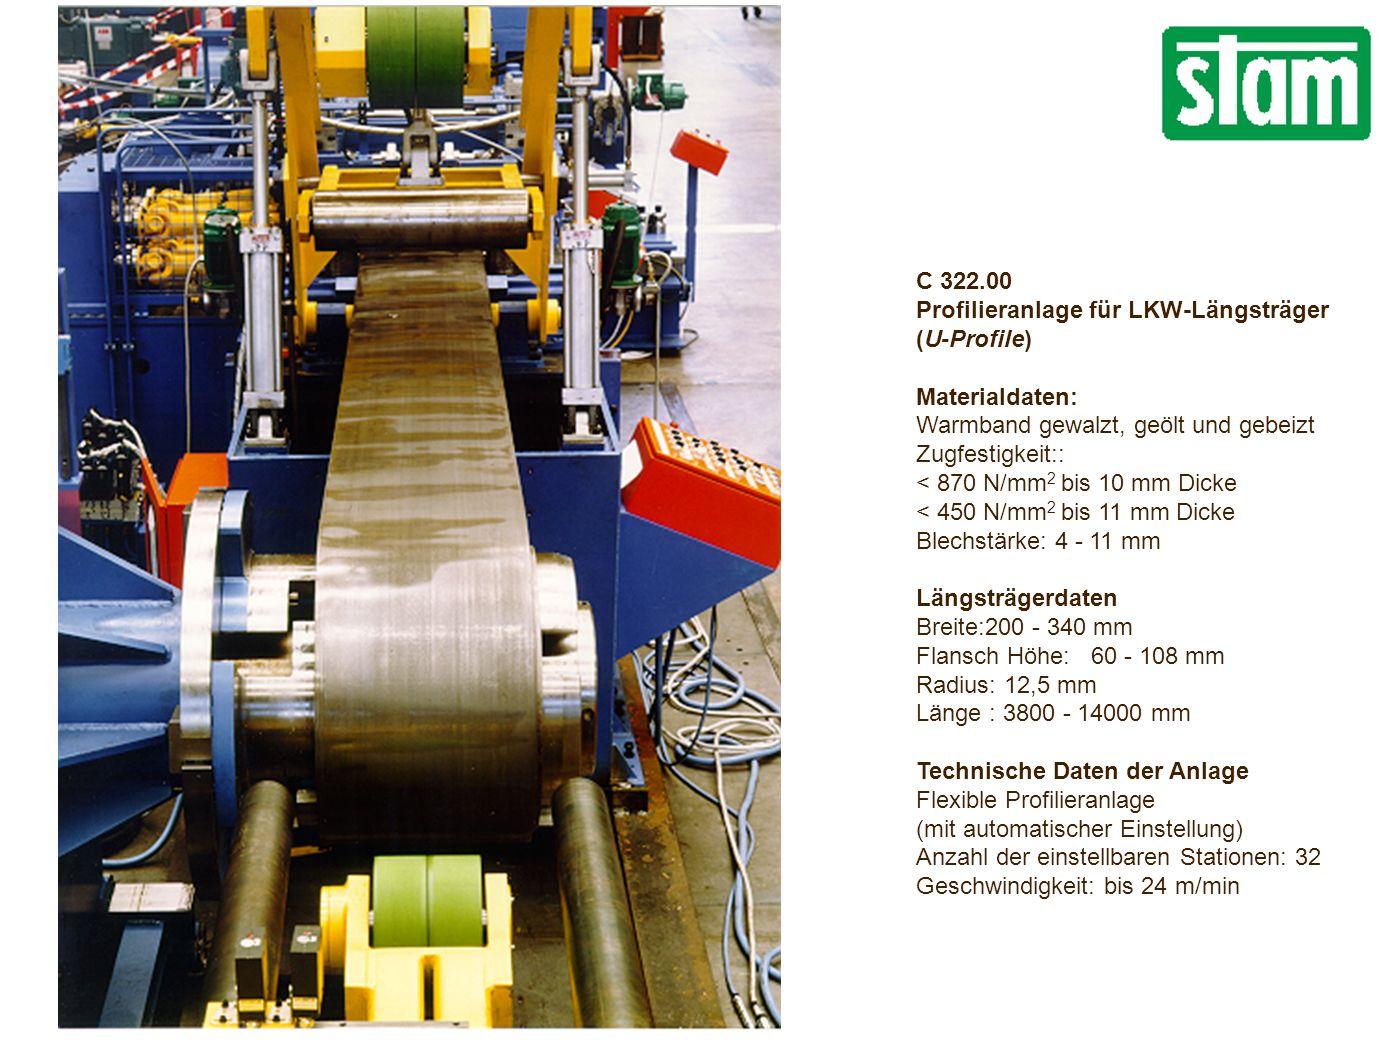 C 322.00 Profilieranlage für LKW-Längsträger (U-Profile) Materialdaten: Warmband gewalzt, geölt und gebeizt Zugfestigkeit:: < 870 N/mm 2 bis 10 mm Dic